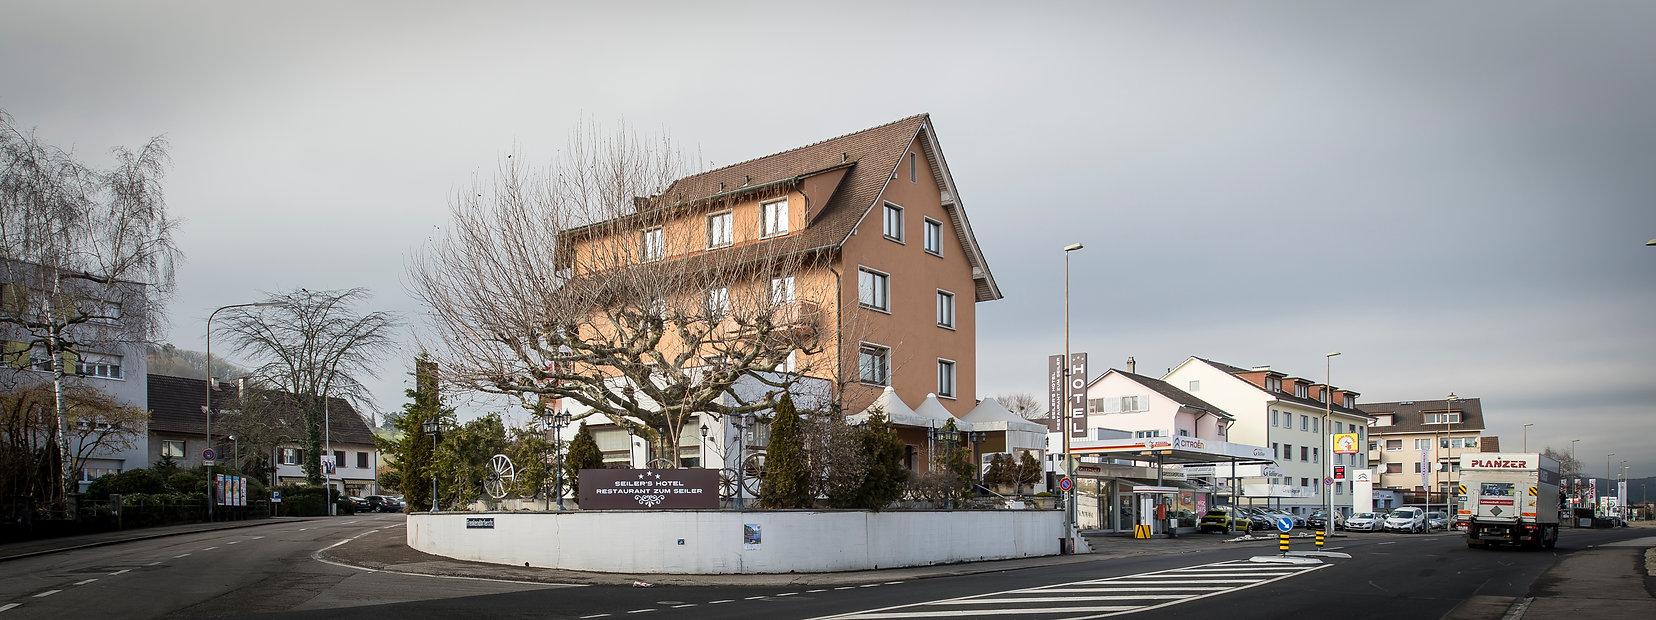 Seilers Hotel und Restaurant Liestal